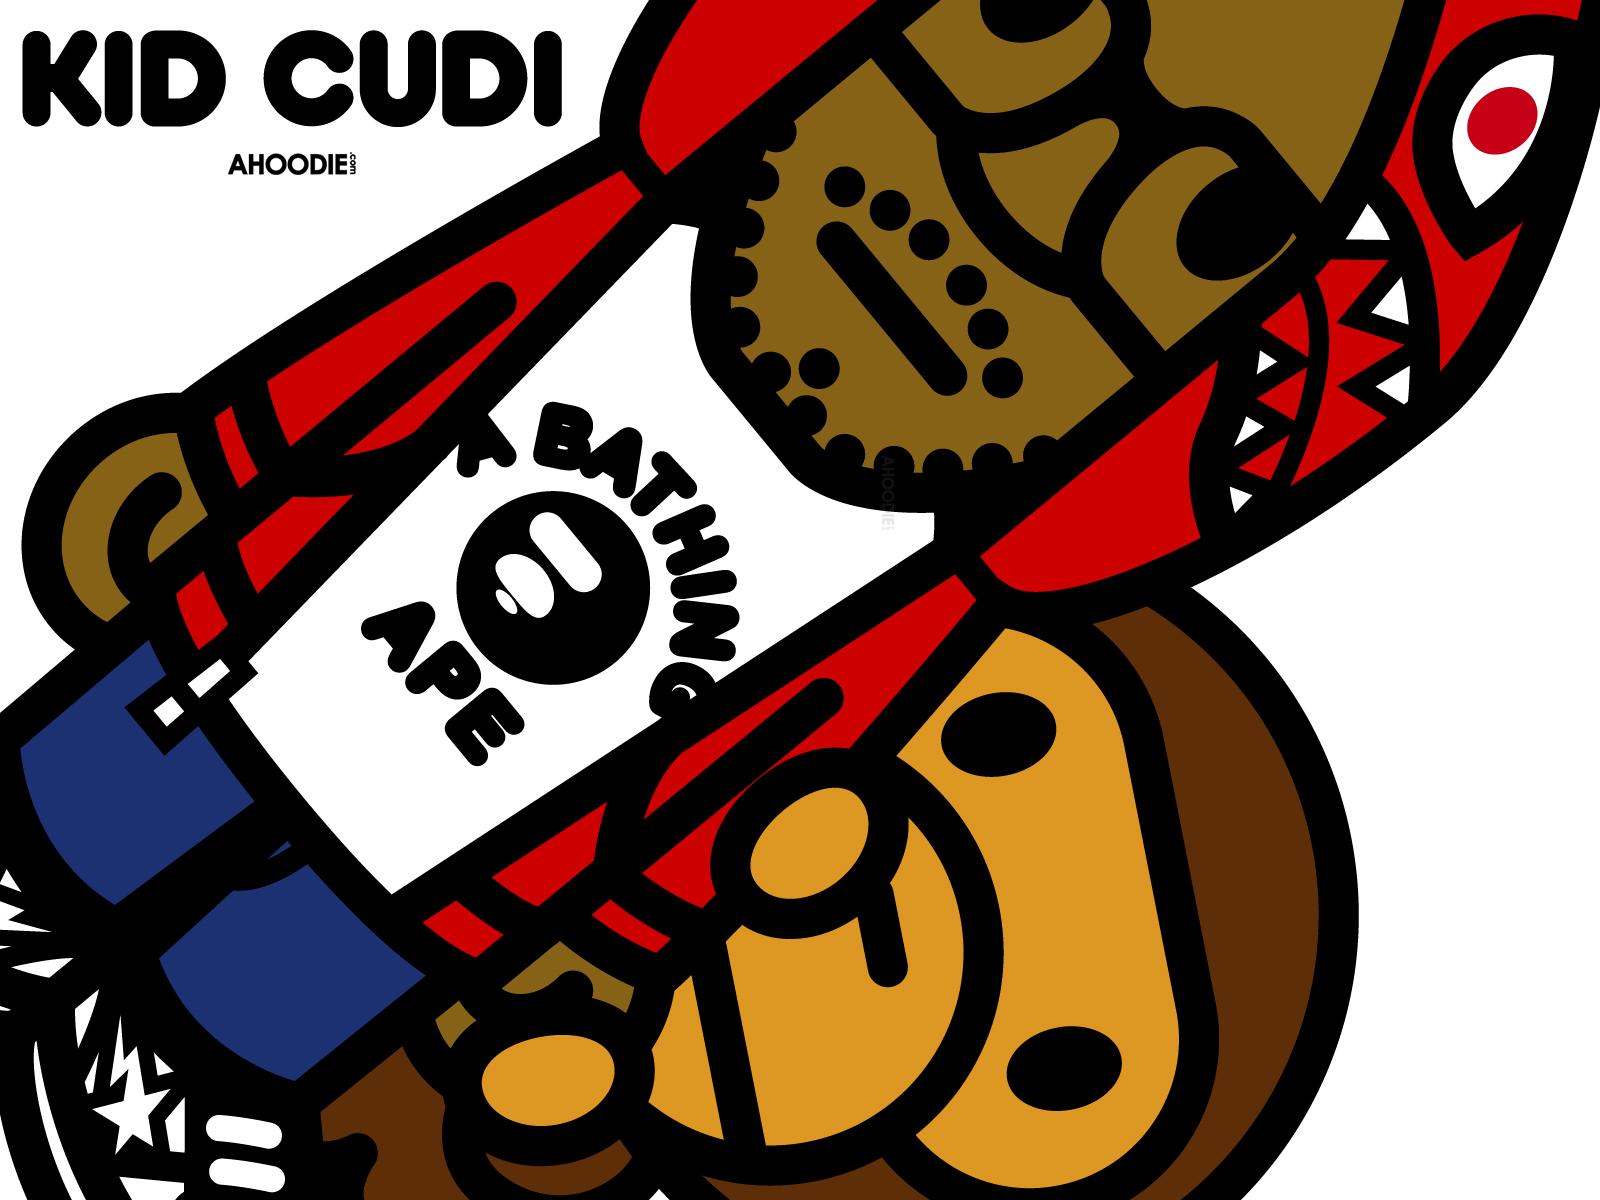 http://4.bp.blogspot.com/-hPZSpcCVi_s/Teu-7ls-QZI/AAAAAAAAAFk/lGtBSaH1ytE/s1600/kid_cudi_bape_baby-milo_wallpaper_desktop_background_logo_quality5.jpg